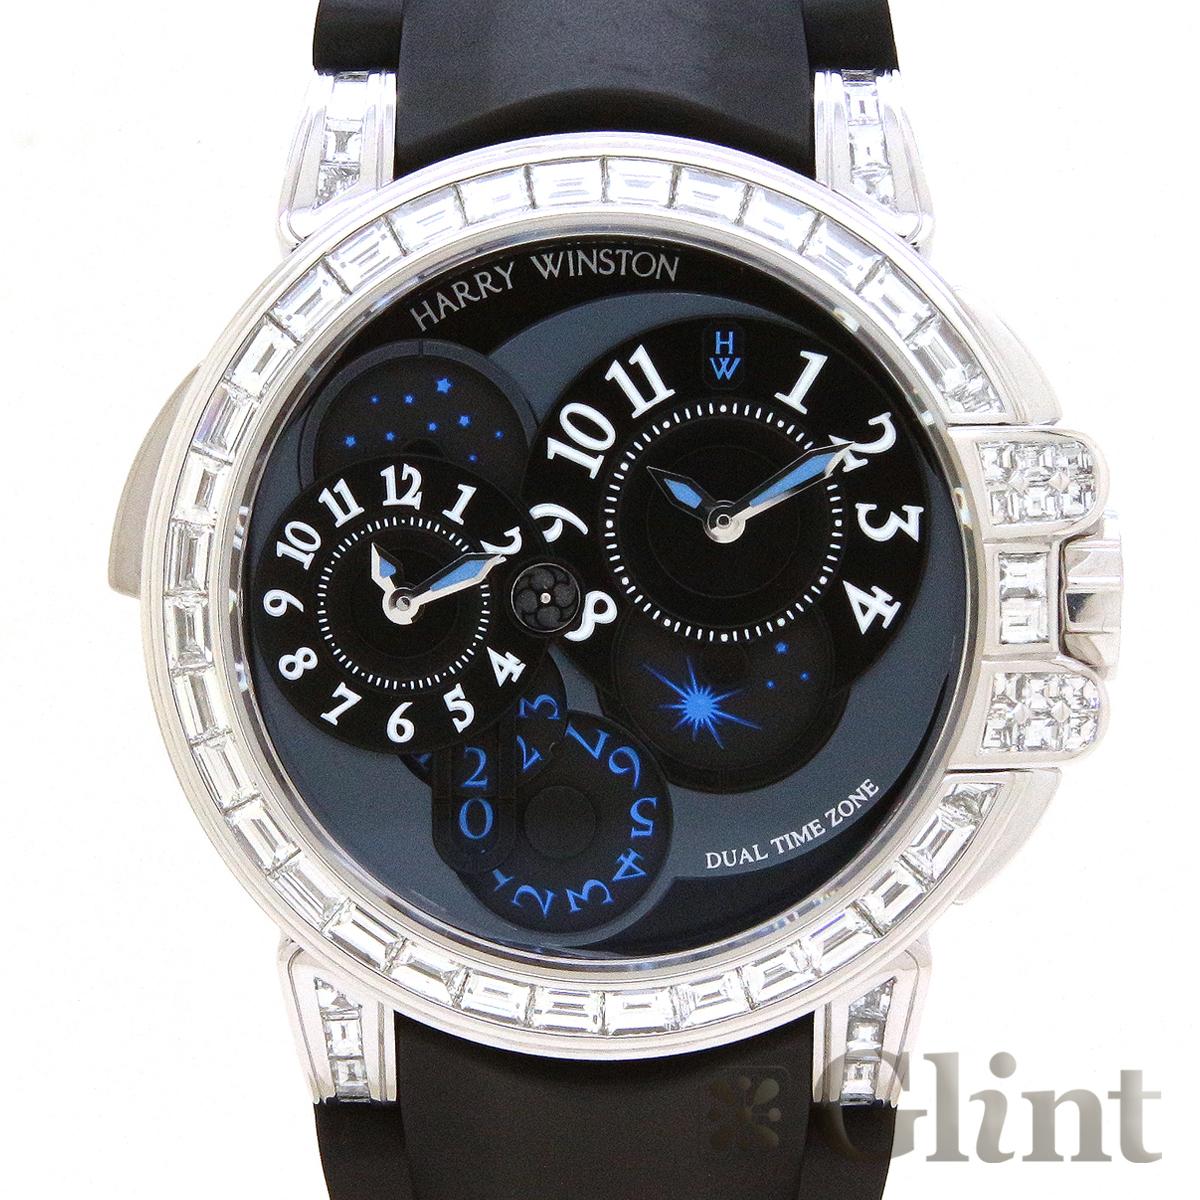 ハリーウィンストン【HARRYWINSTON】オーシャン デュアルタイム バゲットダイヤモンド 400/MATZ44WL.K1〔18Kホワイトゴールド〕〔腕時計〕〔メンズ〕【中古】